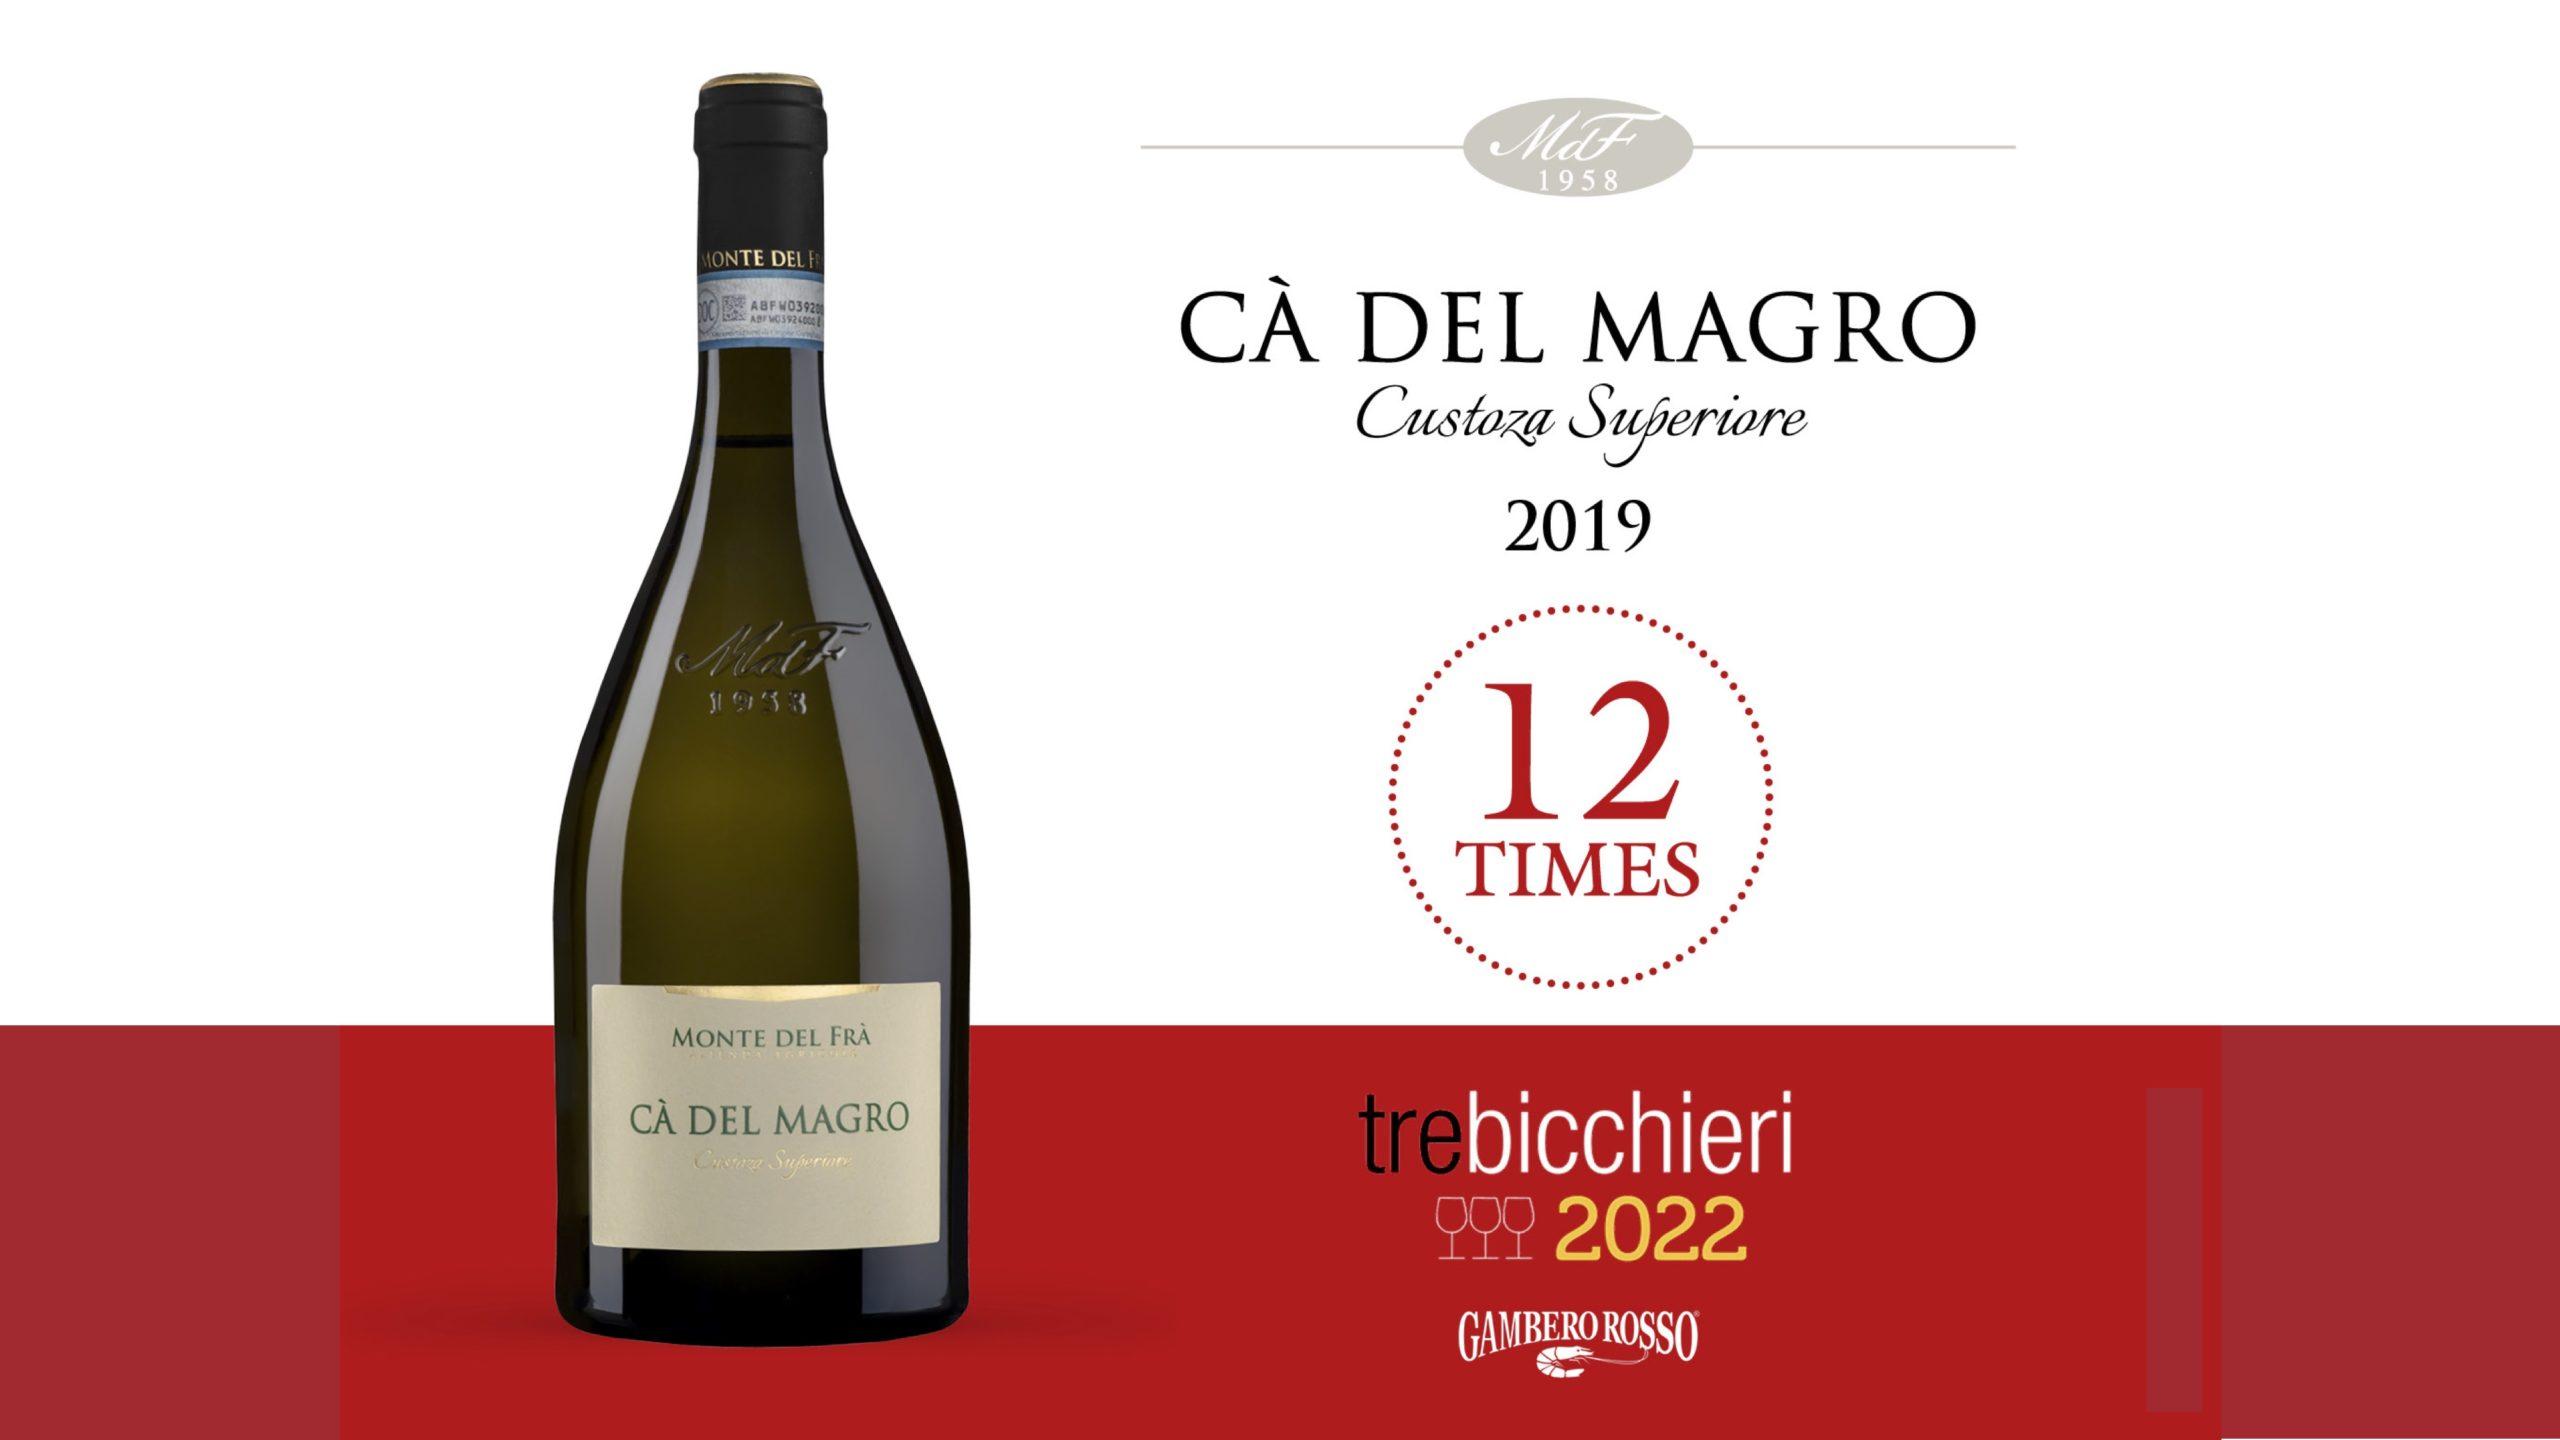 Custoza Superiore Cà del Magro 2019 premiato per dodici anni consecutivi con i tre bicchieri Gambero Rosso